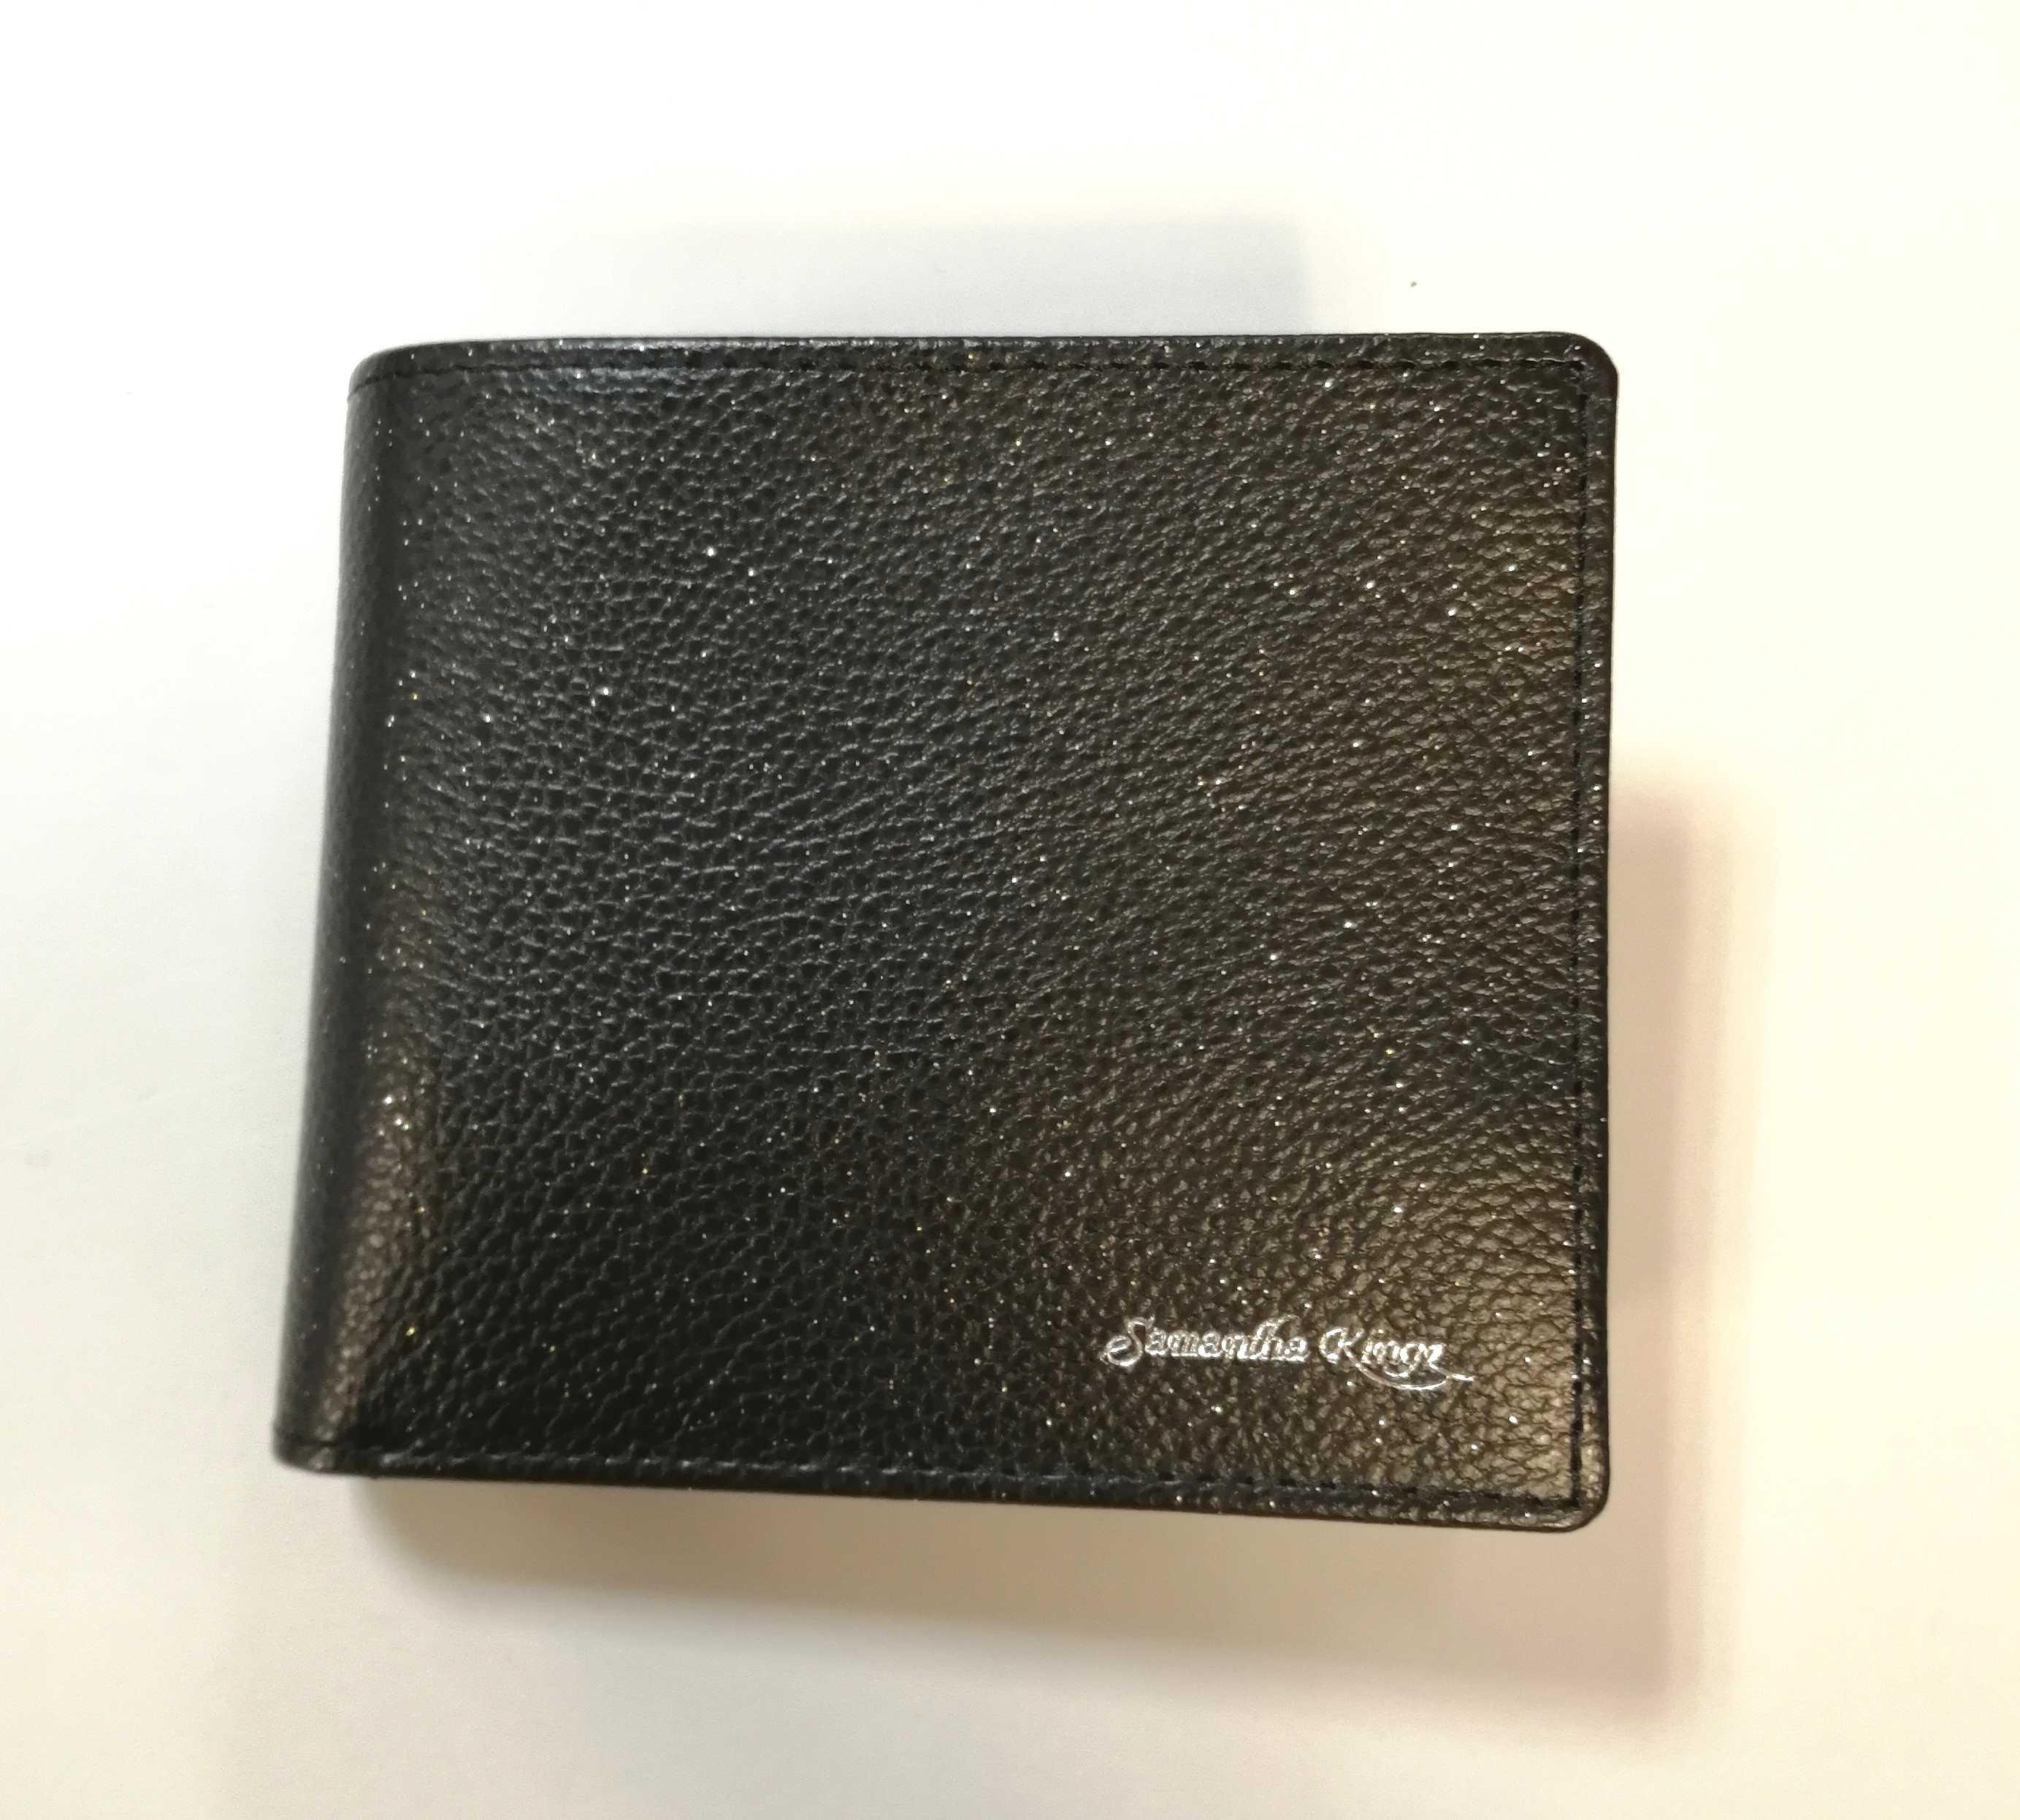 レザー二つ折り財布 サマンサキングズ SAMANTHA KINGZ